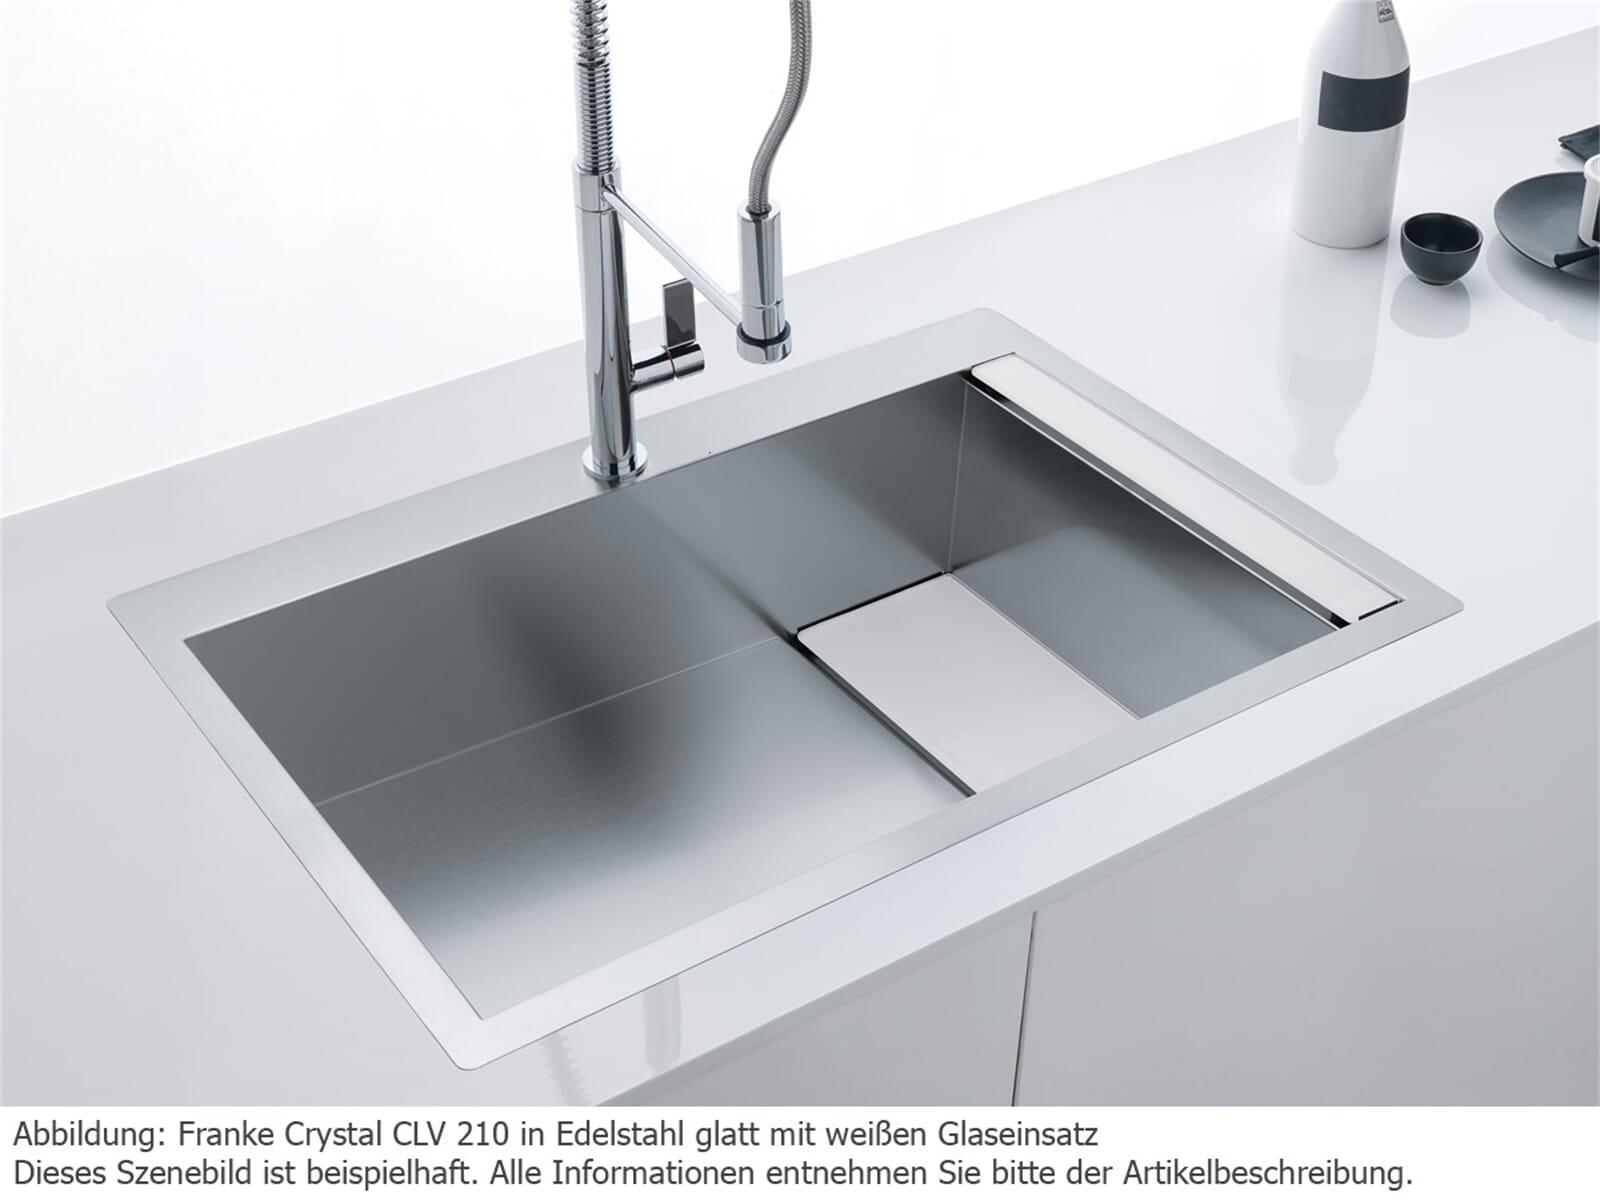 Franke Crystal CLV 210 Edelstahlspüle glatt - 127.0338.946